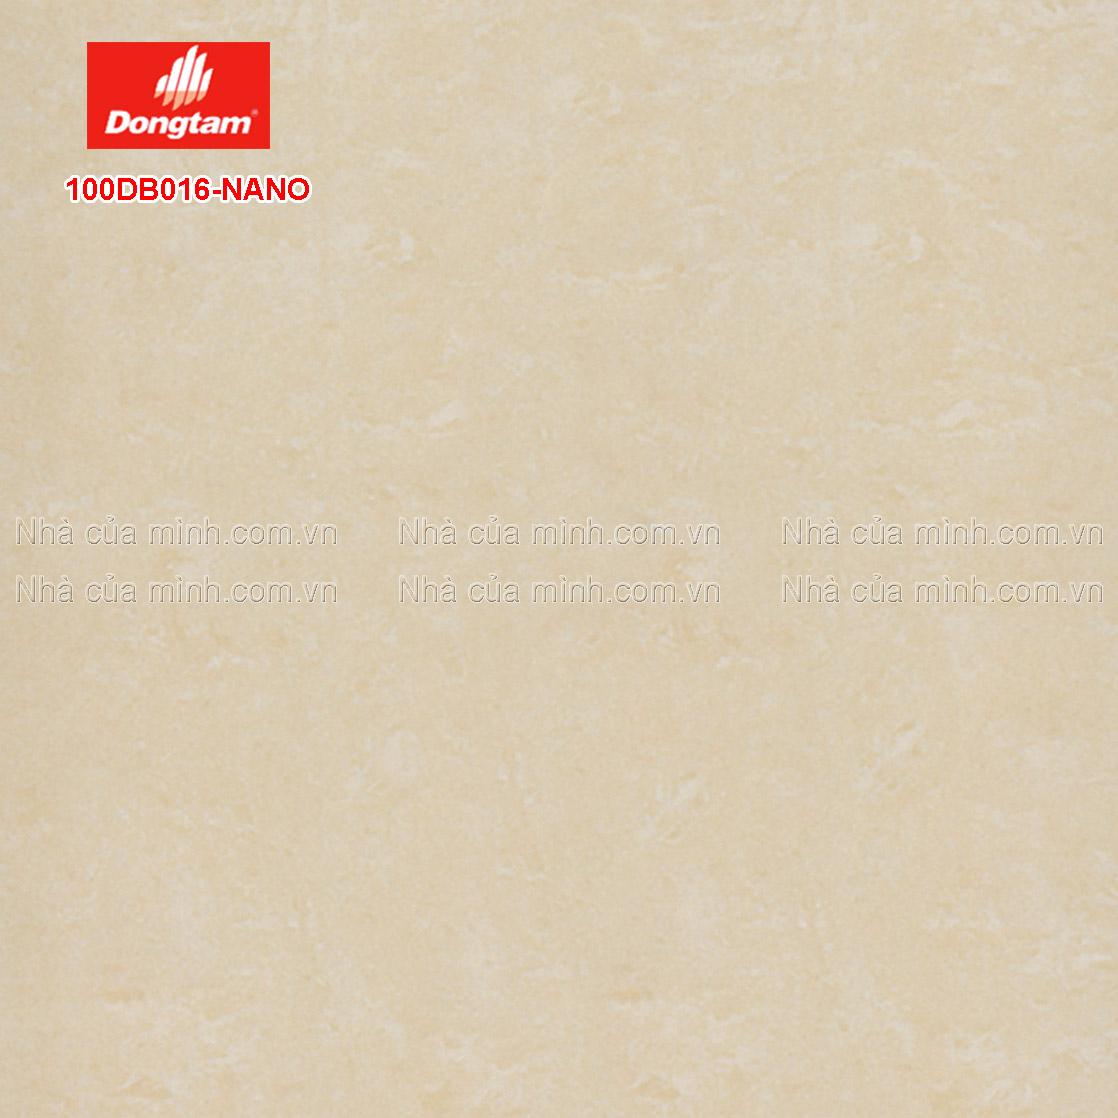 Gạch granite Đồng Tâm 100DB016-NANO giá rẻ